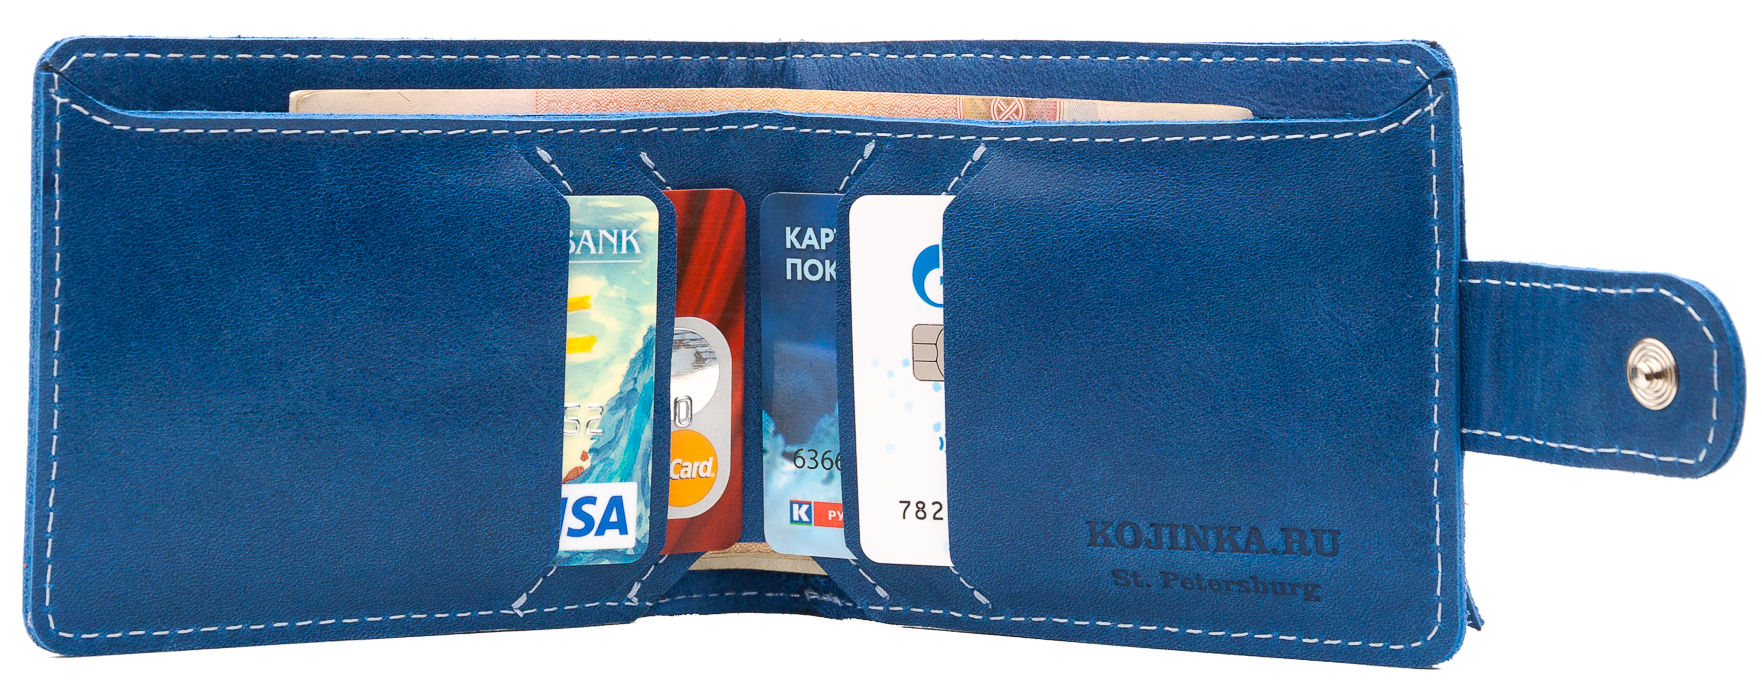 fba07003bd58 Купить Кожаное портмоне Италия, синее в Санкт-Петербурге - Я Покупаю